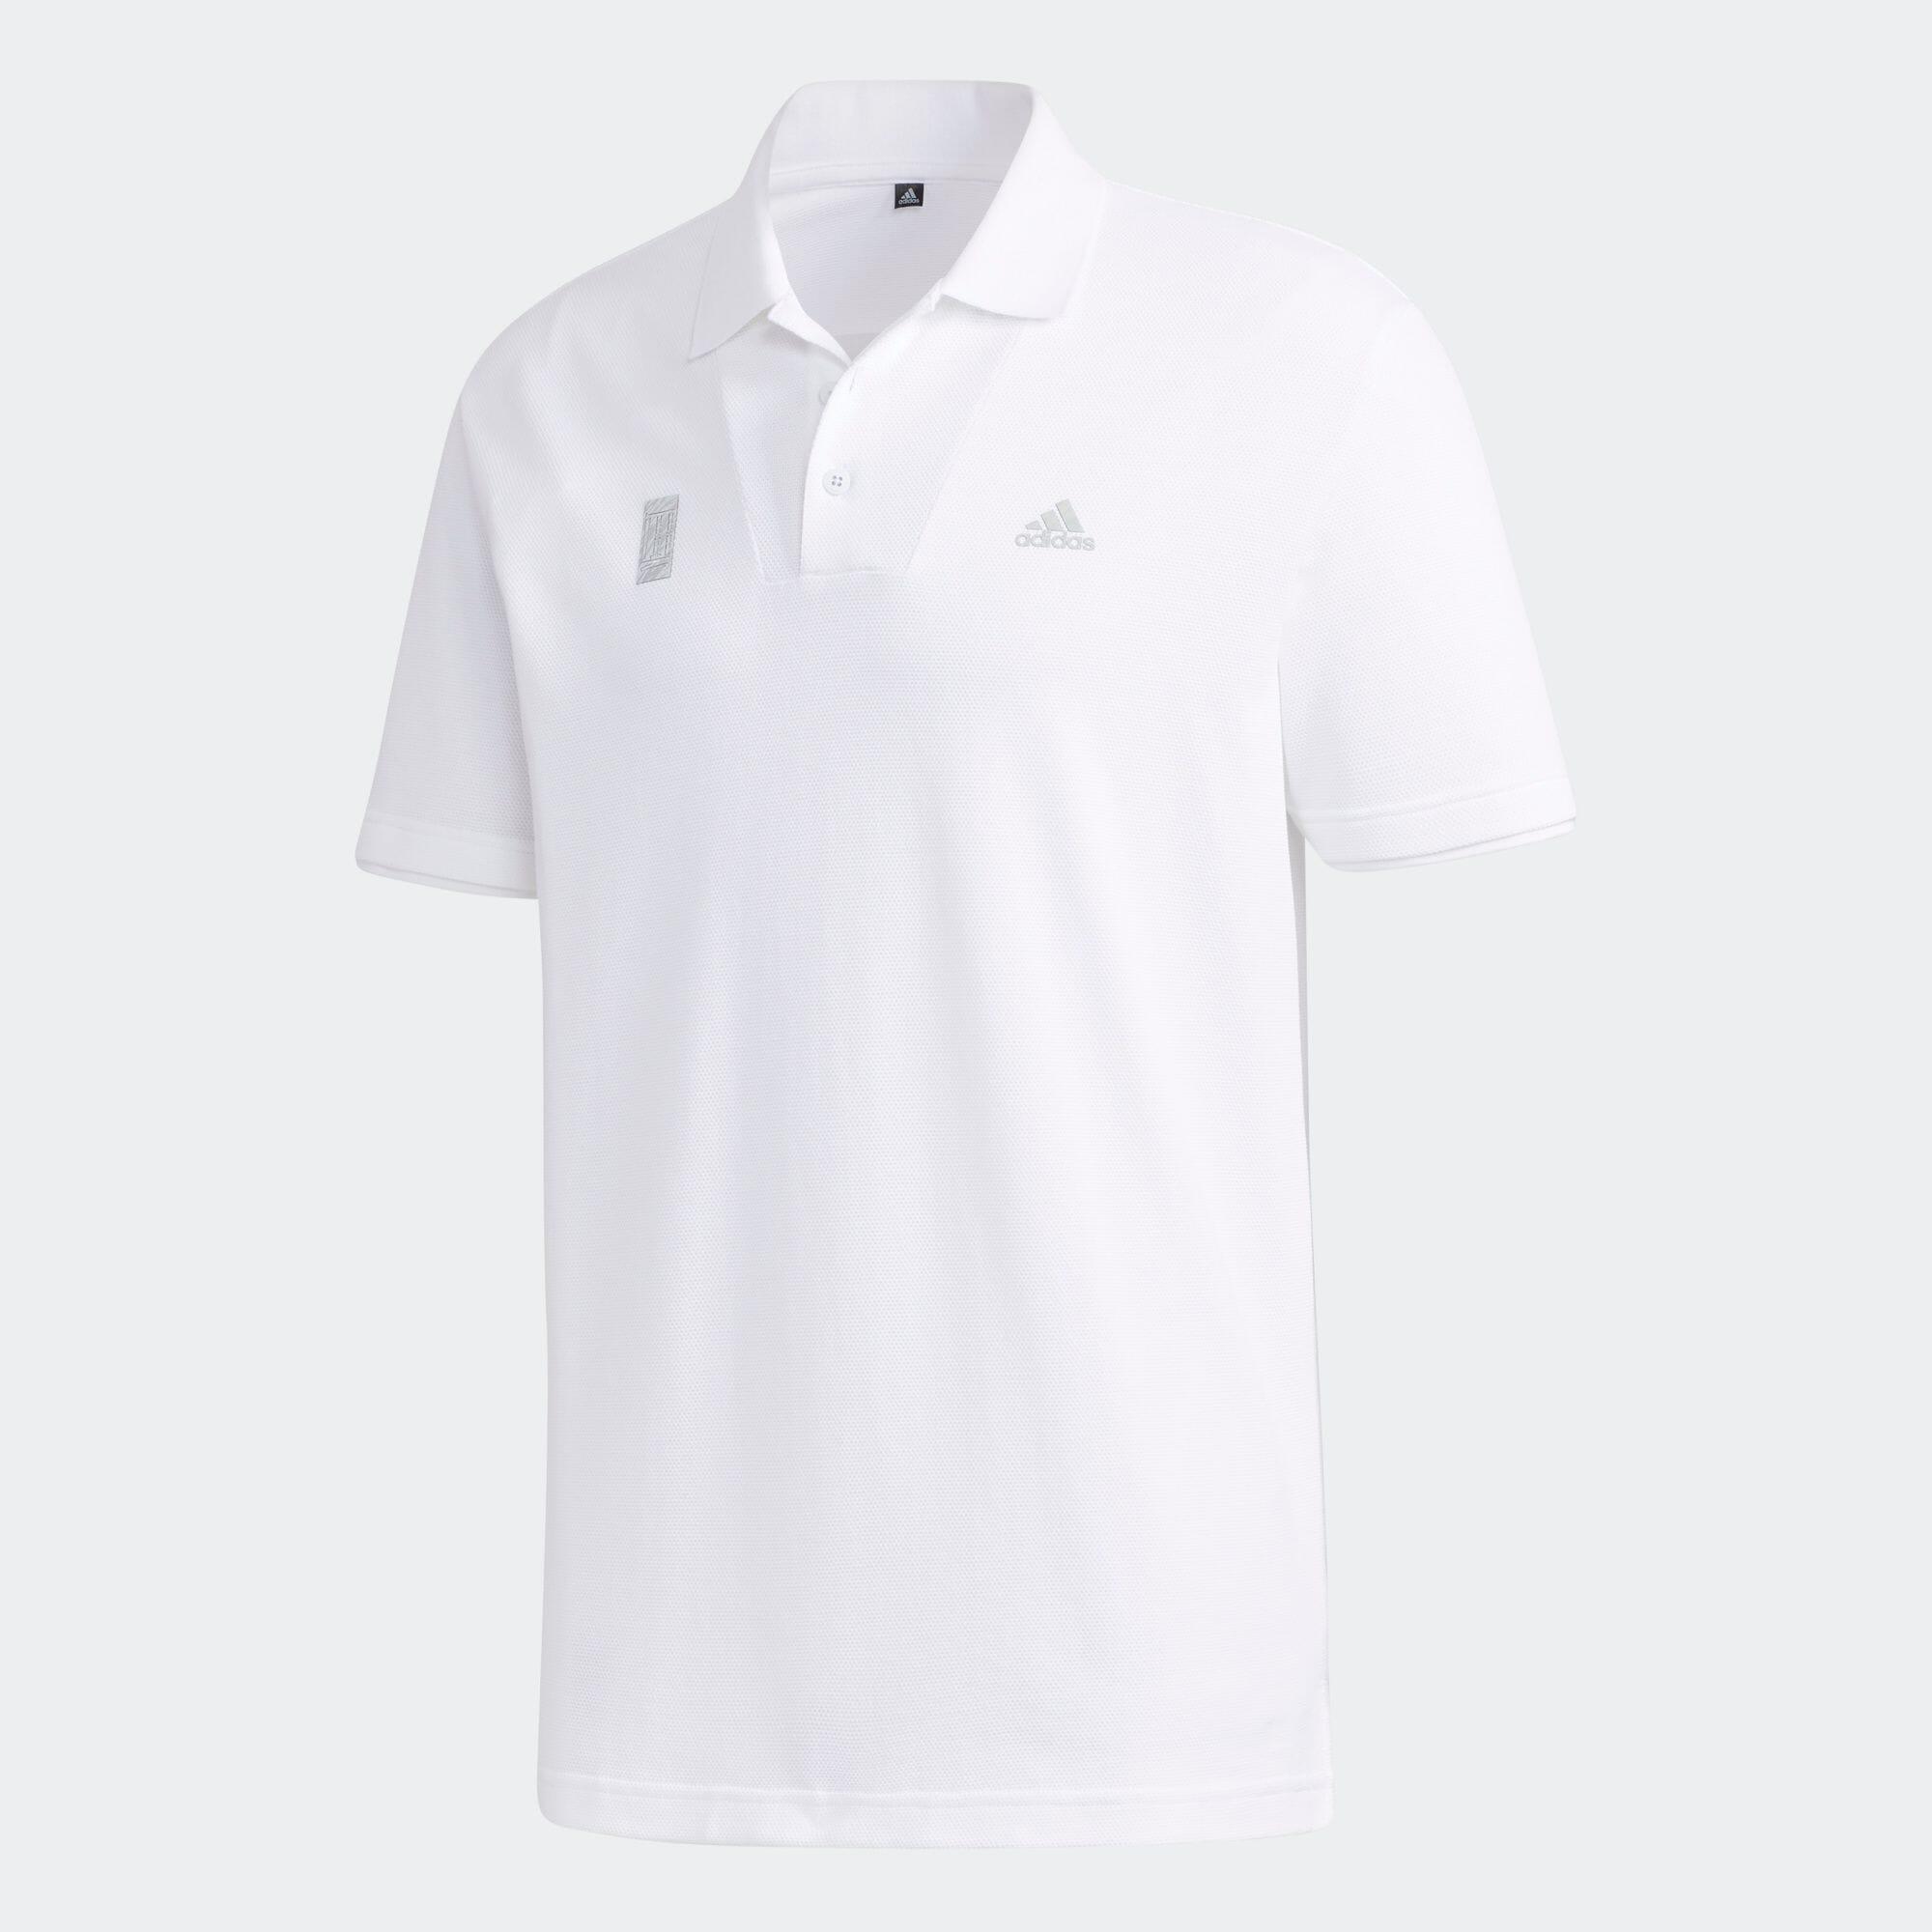 Wuji ポロシャツ/ Wuji Polo Shirt